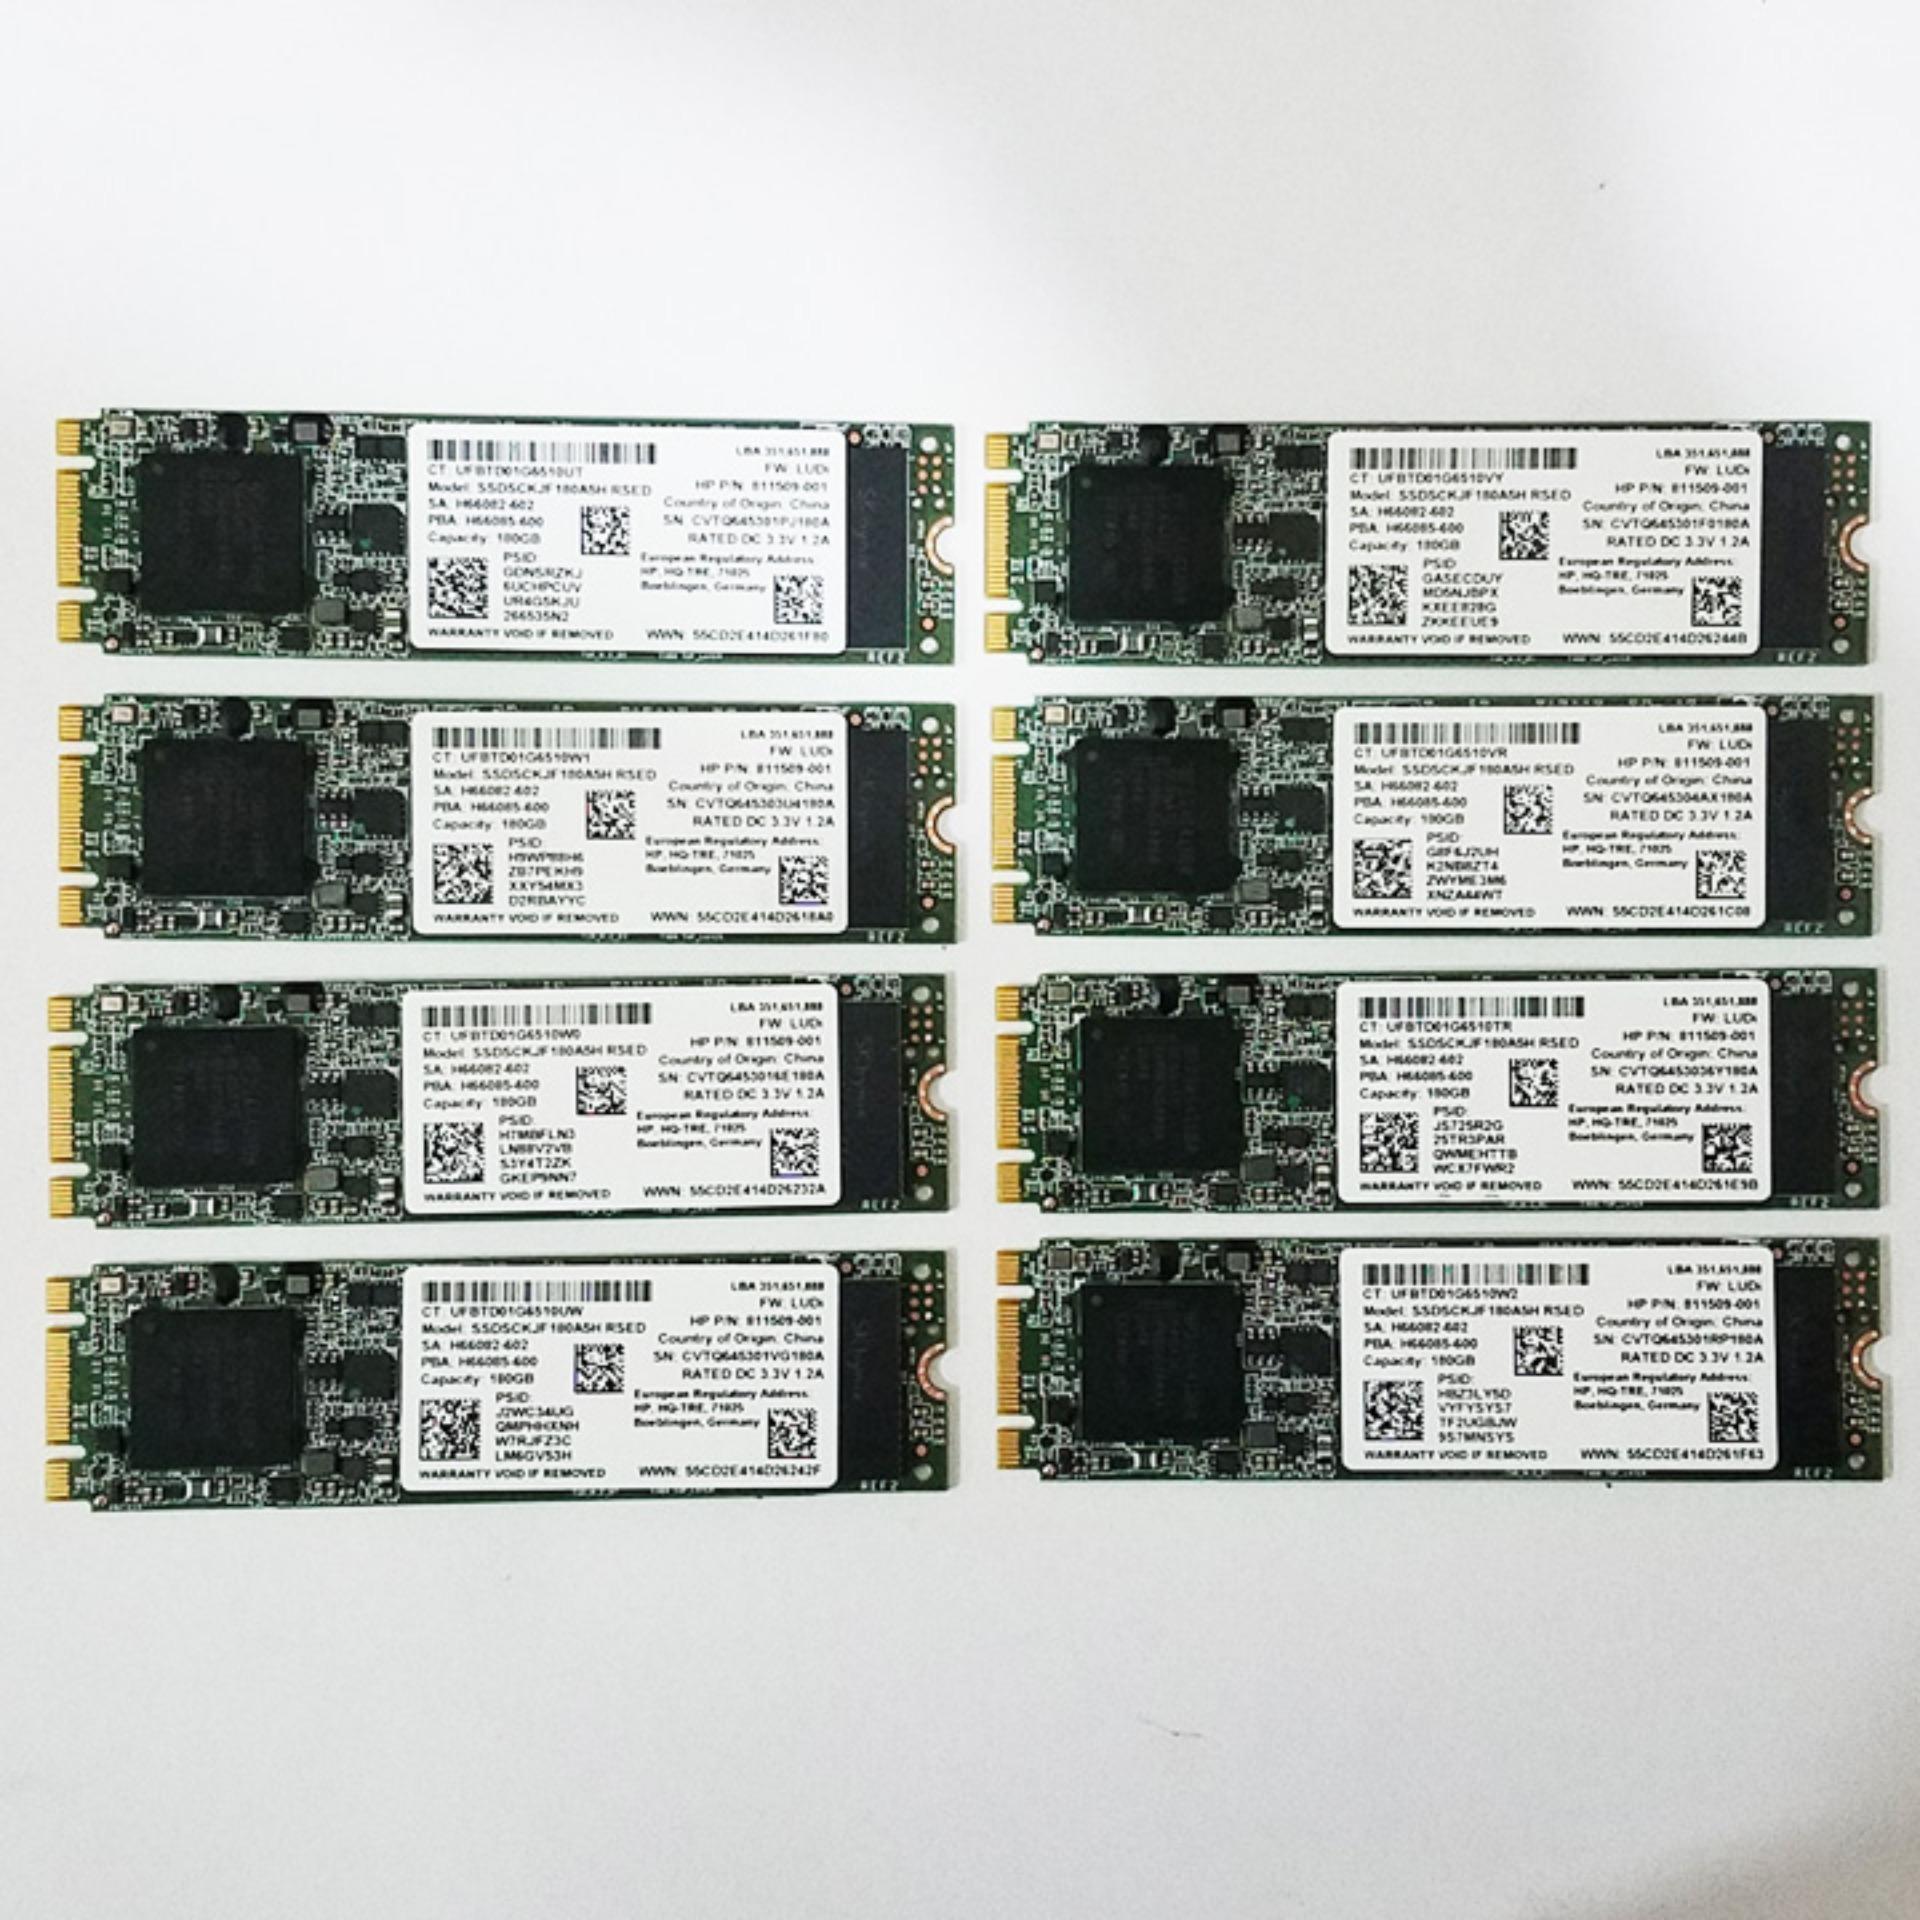 Chiết Khấu Ổ Cứng Ssd Intel 2500 Pro Series M 2 2280 Sata 180Gb Intel Trong Hà Nội